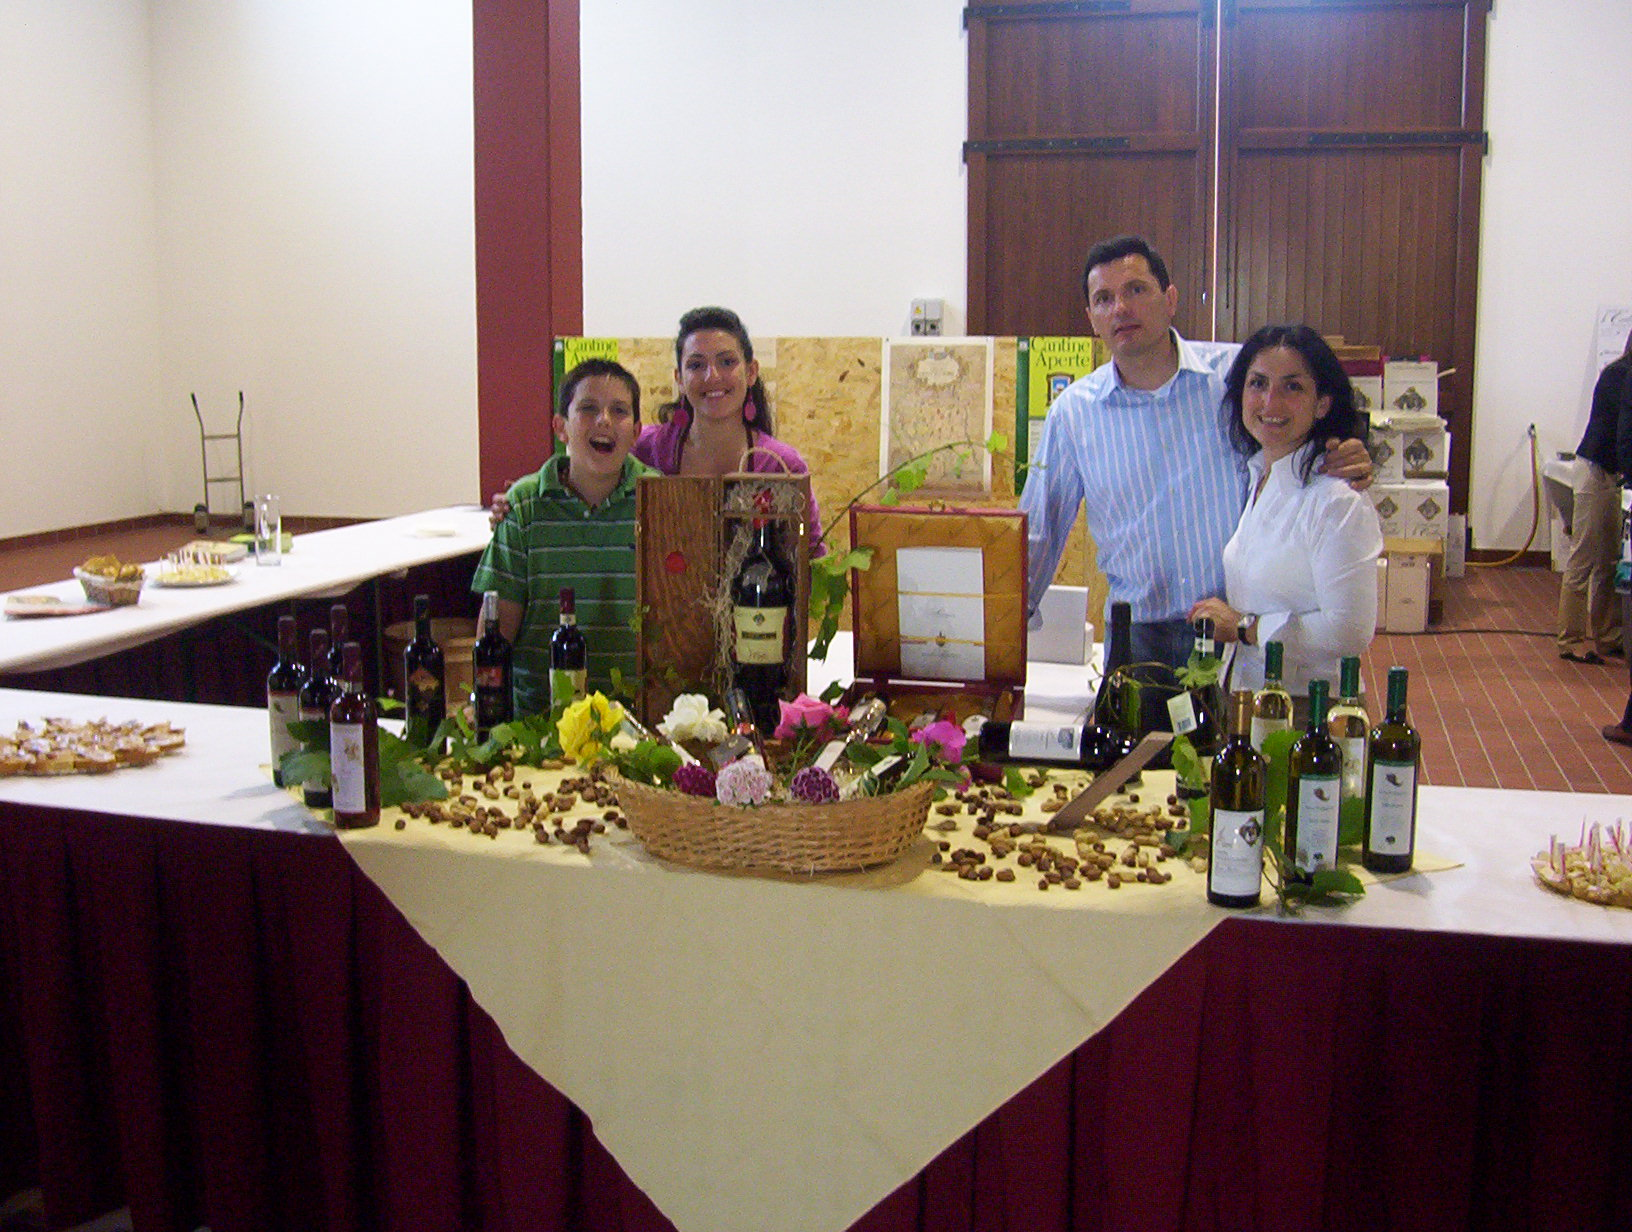 Sala degustazione vini tipici veneti Azienda Agricola Le Carline, Belfiore di Pramaggiore, Venezia